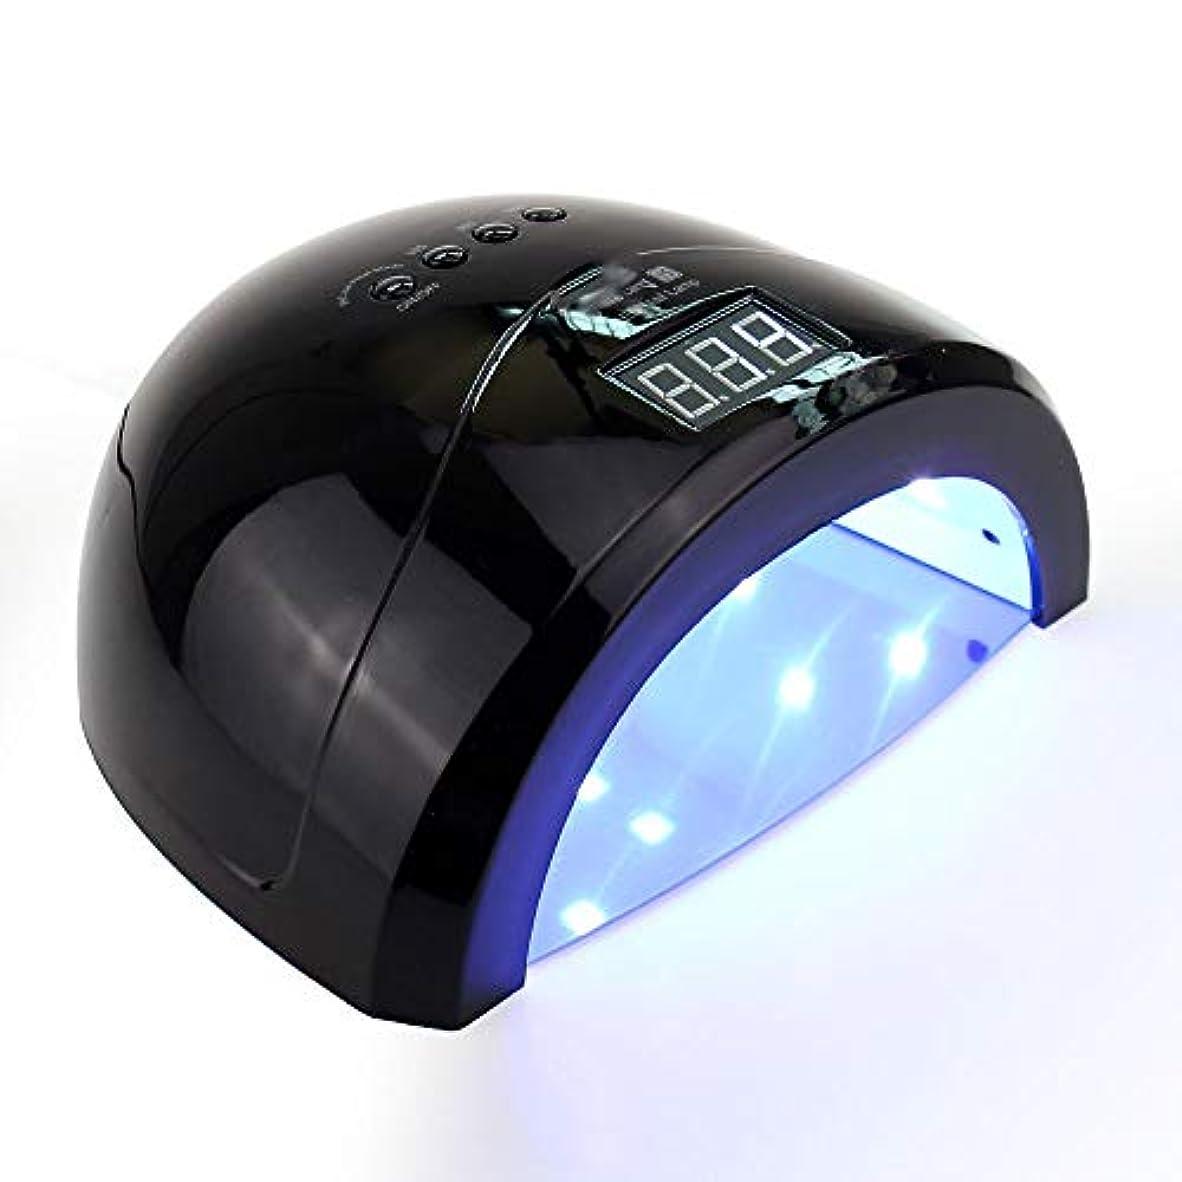 砲撃神話里親ネイルドライヤー - ネイルポリッシュランプled光線療法機48ワットスマート誘導ネイルポリッシュグルーベーキングランプ10秒/ 30秒/ 60秒タイマー,Black